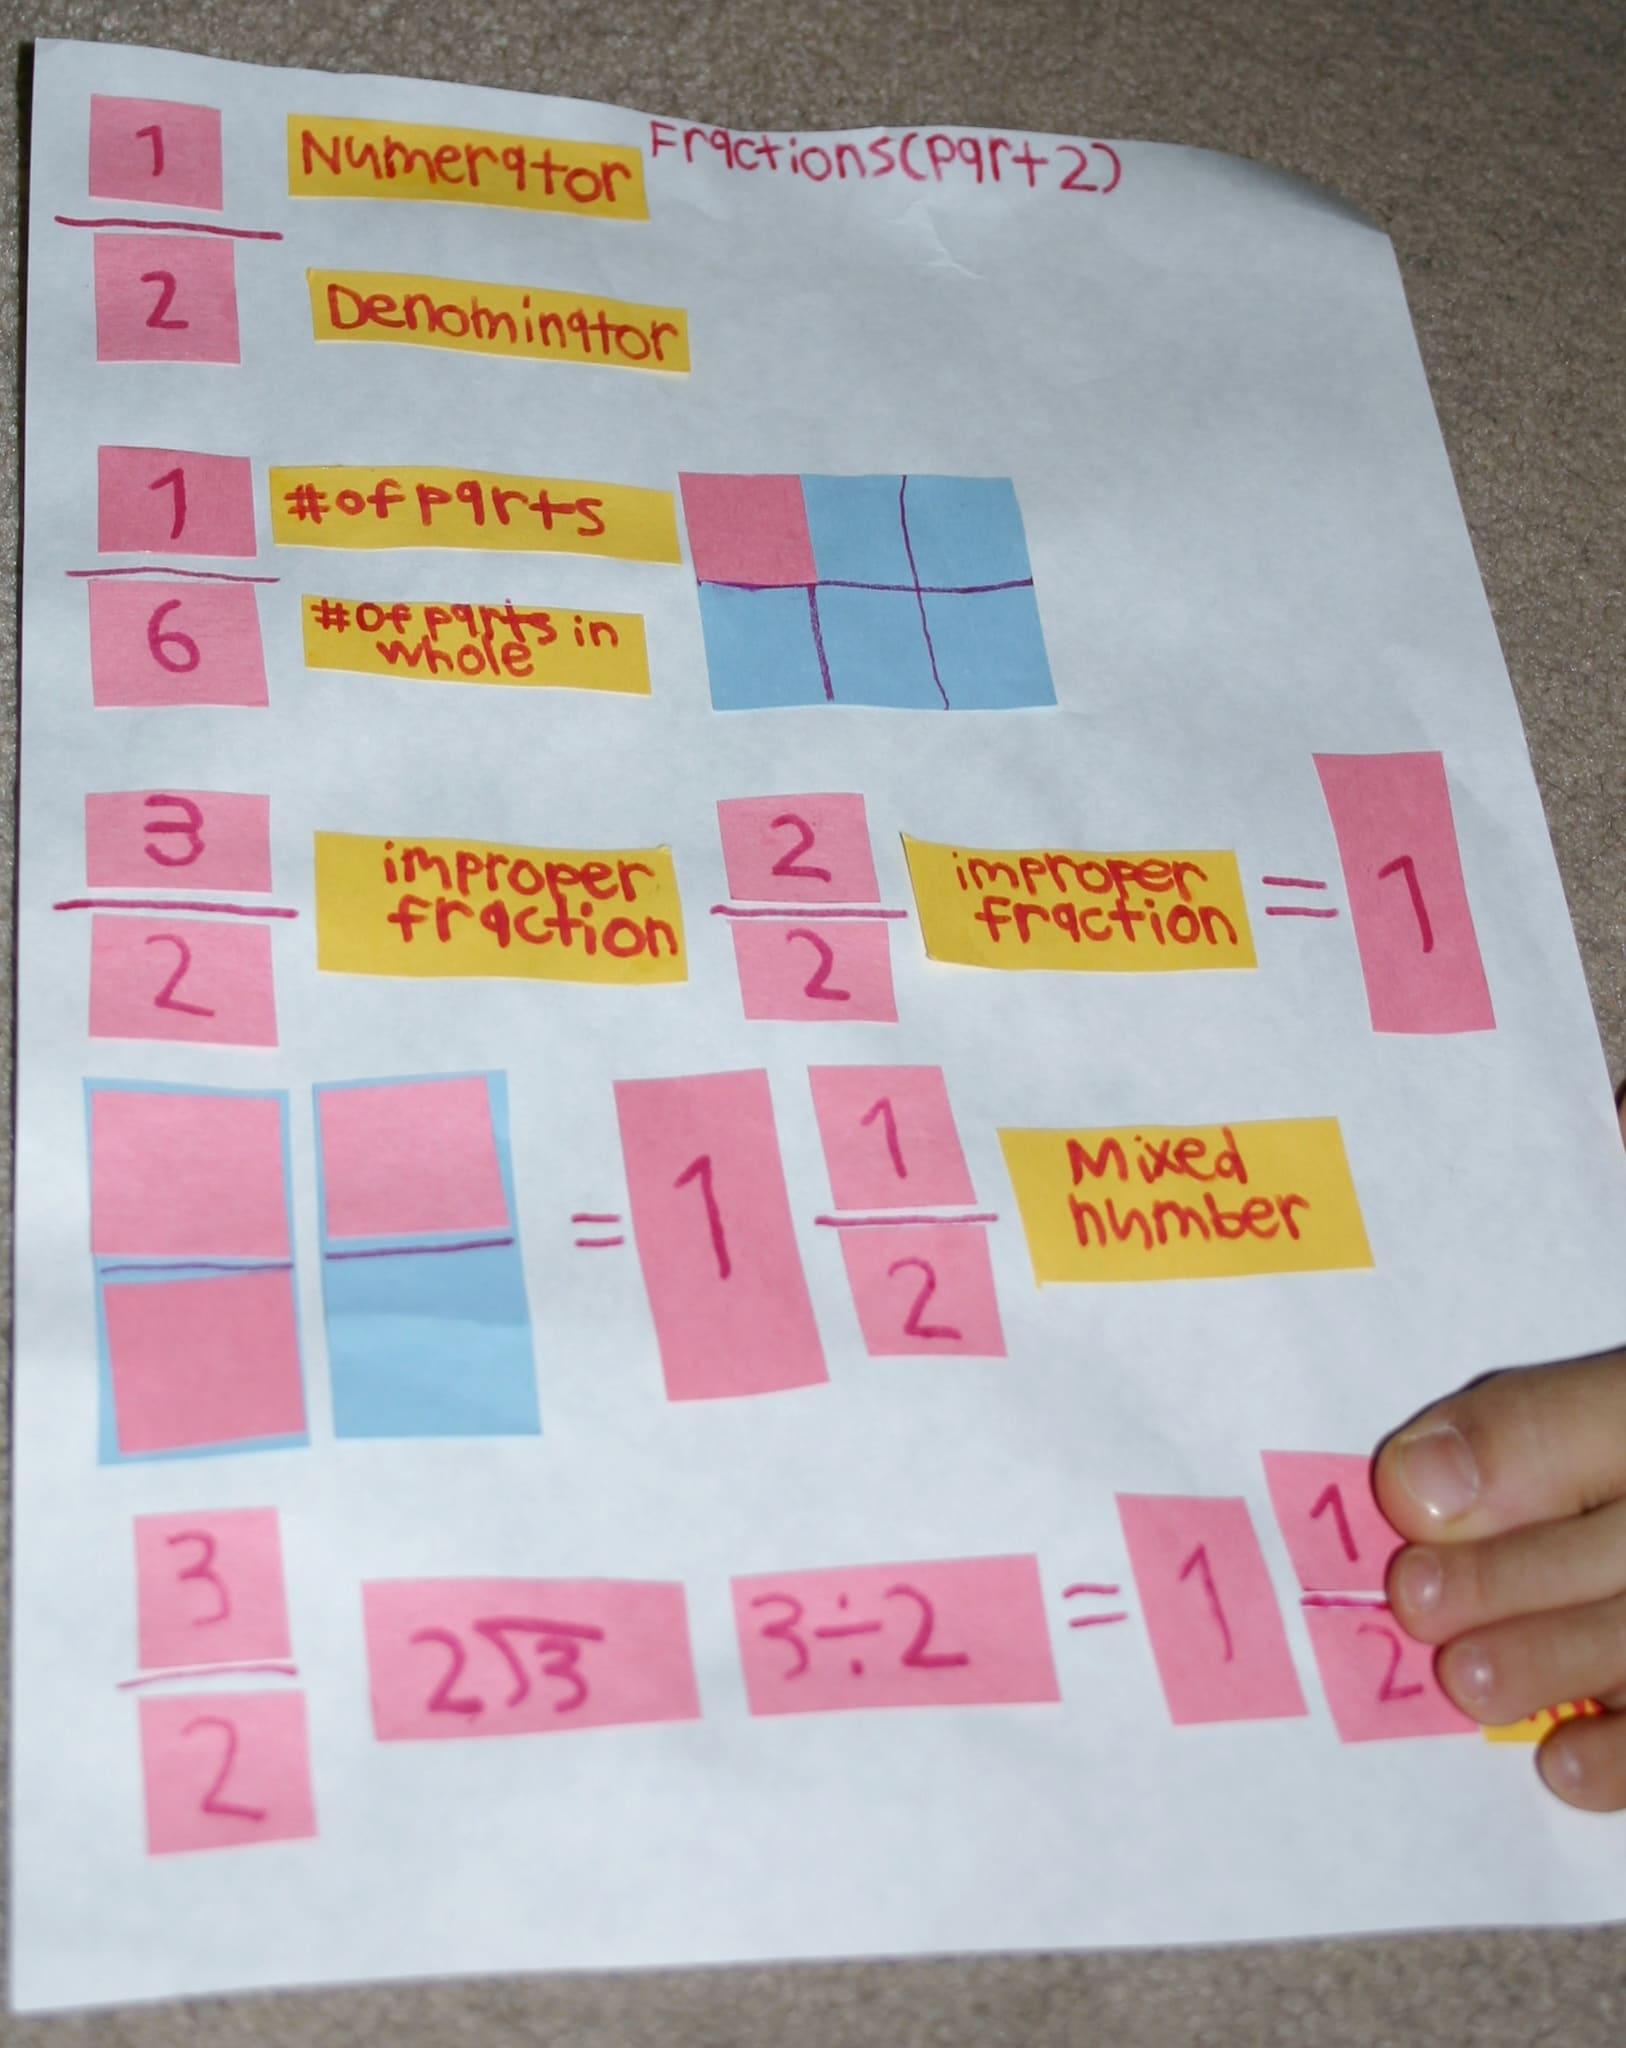 for improper fractions definition displaying 19 images for improper ...